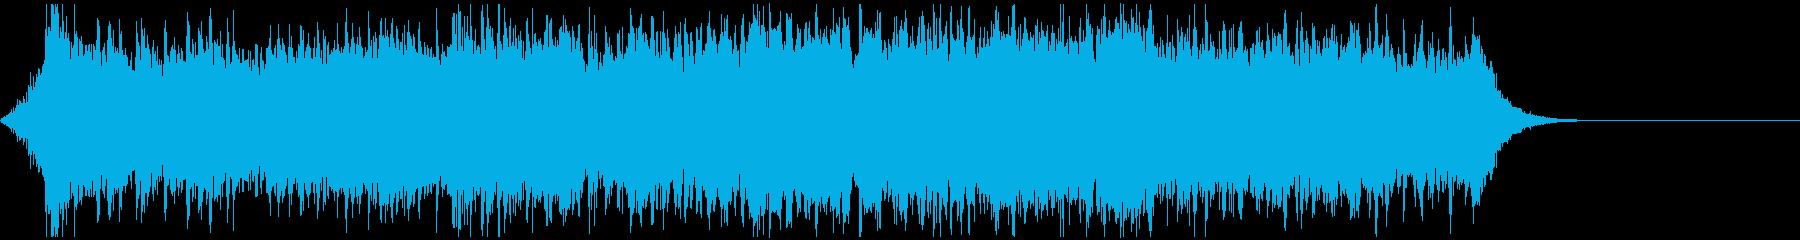 サイバーパンク風エピック&エレクトロ曲の再生済みの波形